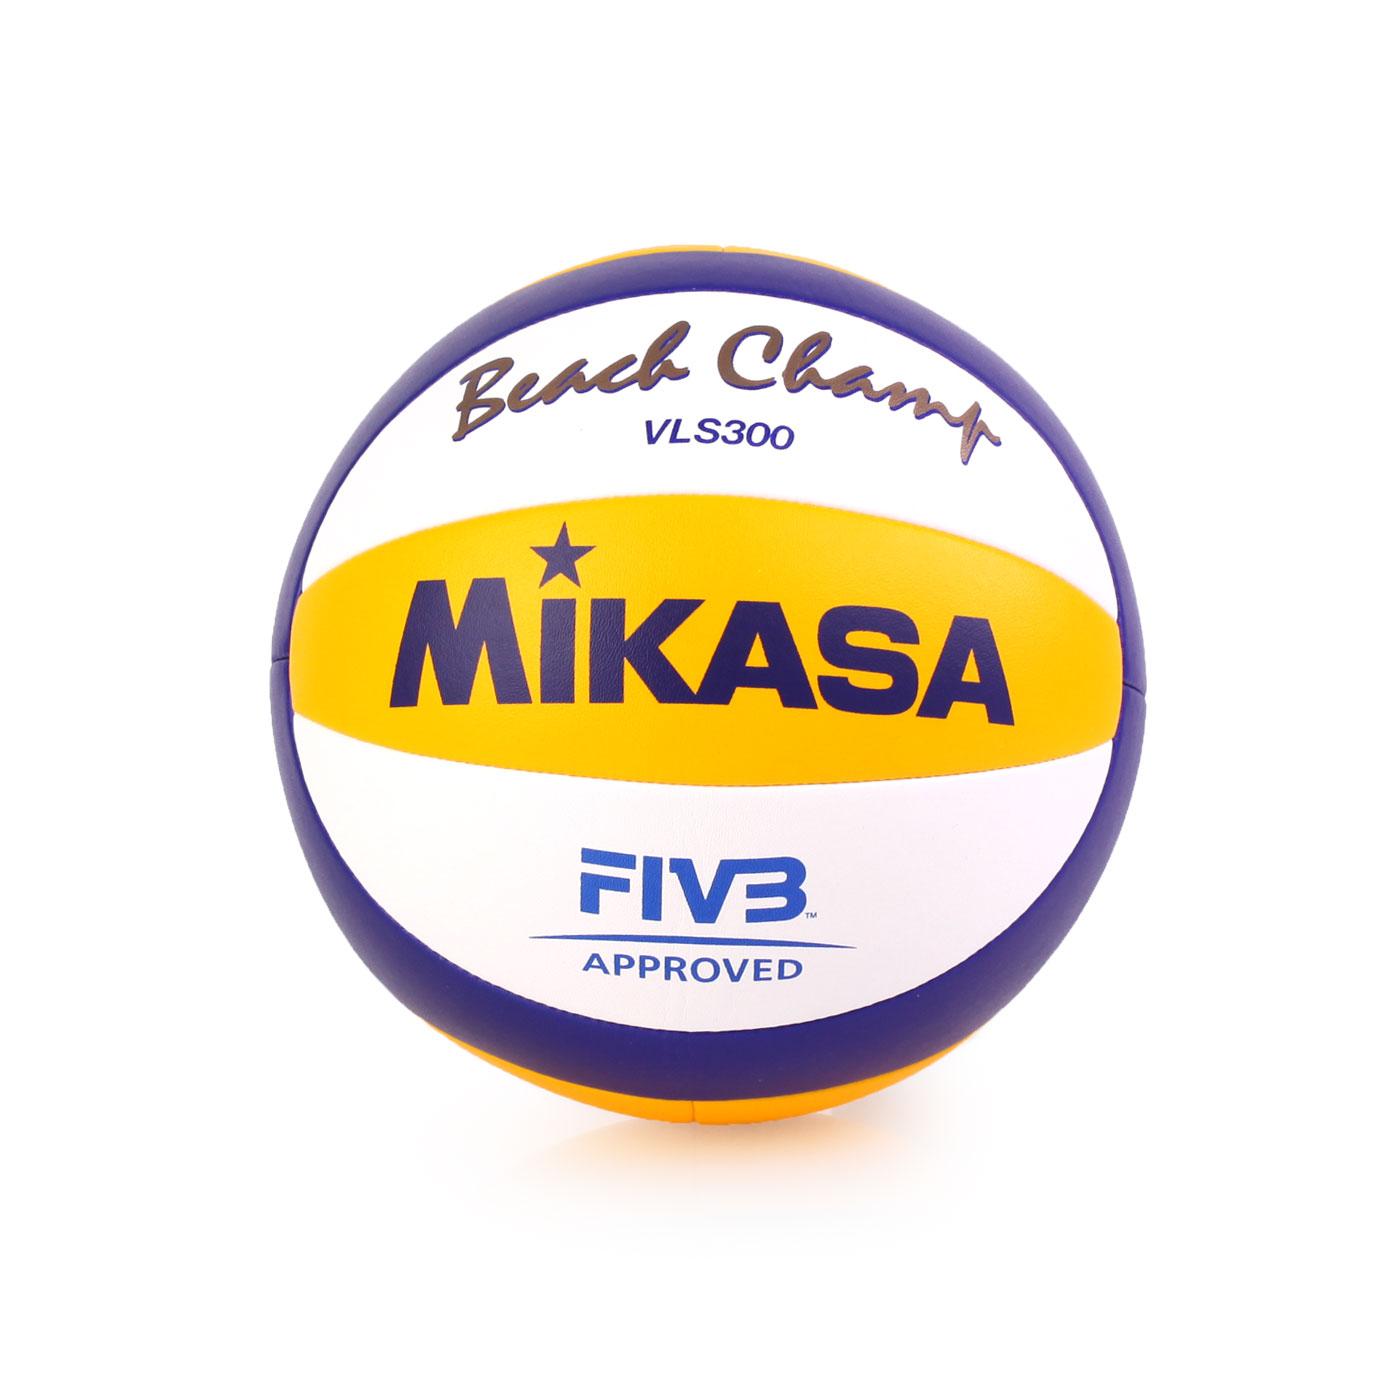 MIKASA 超纖皮製比賽及沙灘排球 VLS300 - 黃藍白